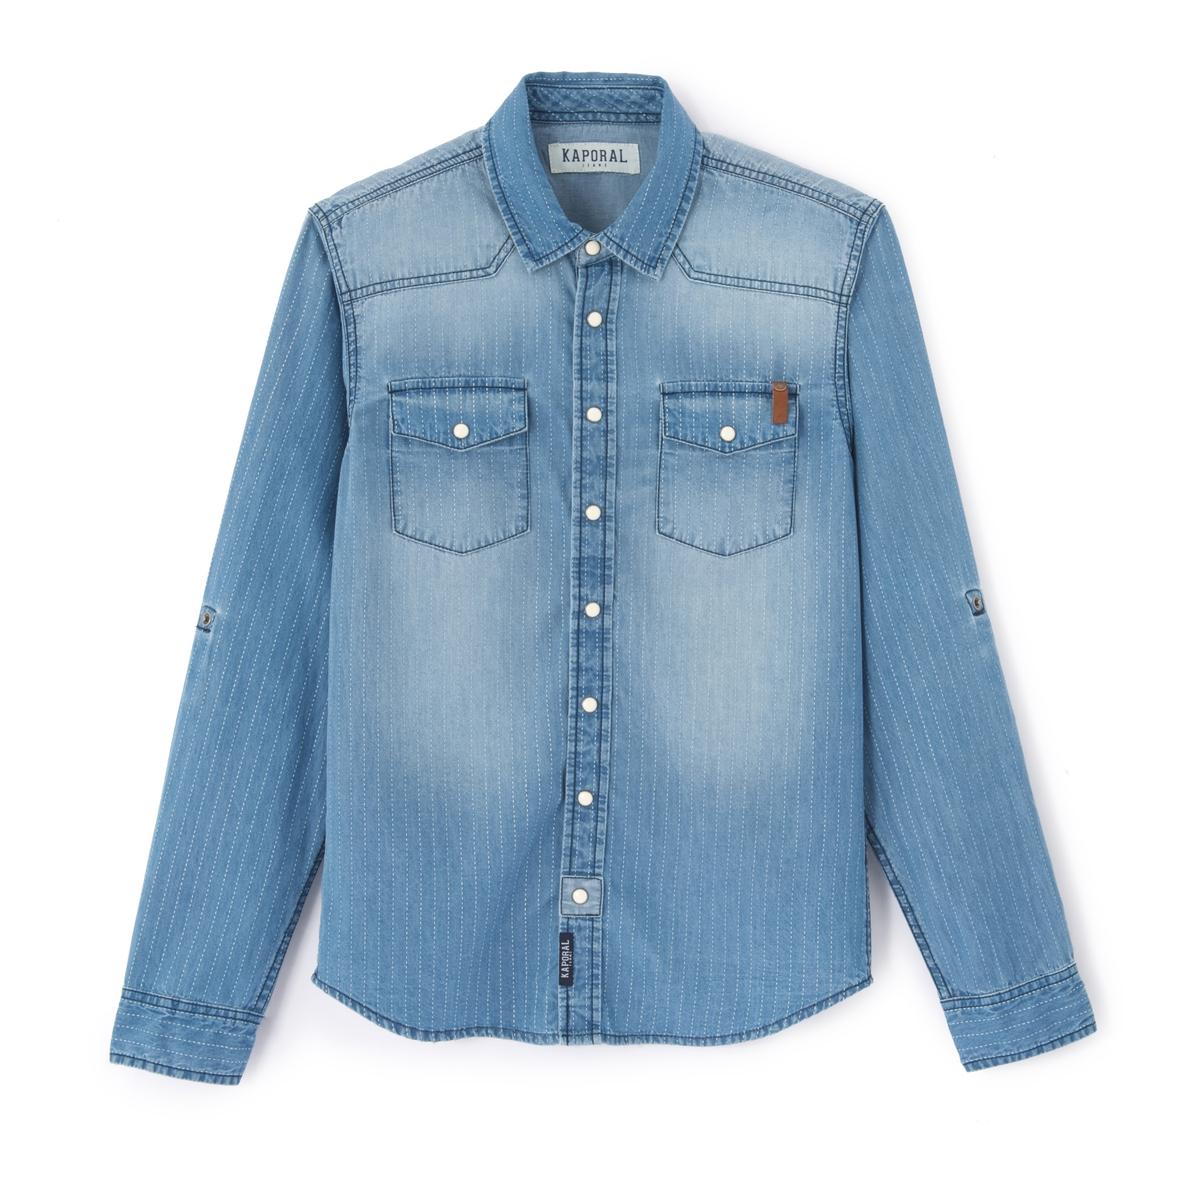 Рубашка однотонная с длинными рукавамиДетали   •  Длинные рукава •  Прямой покрой  •  Классический воротникСостав и уход   •  100% хлопок  •  Следуйте советам по уходу, указанным на этикетке<br><br>Цвет: джинсовый